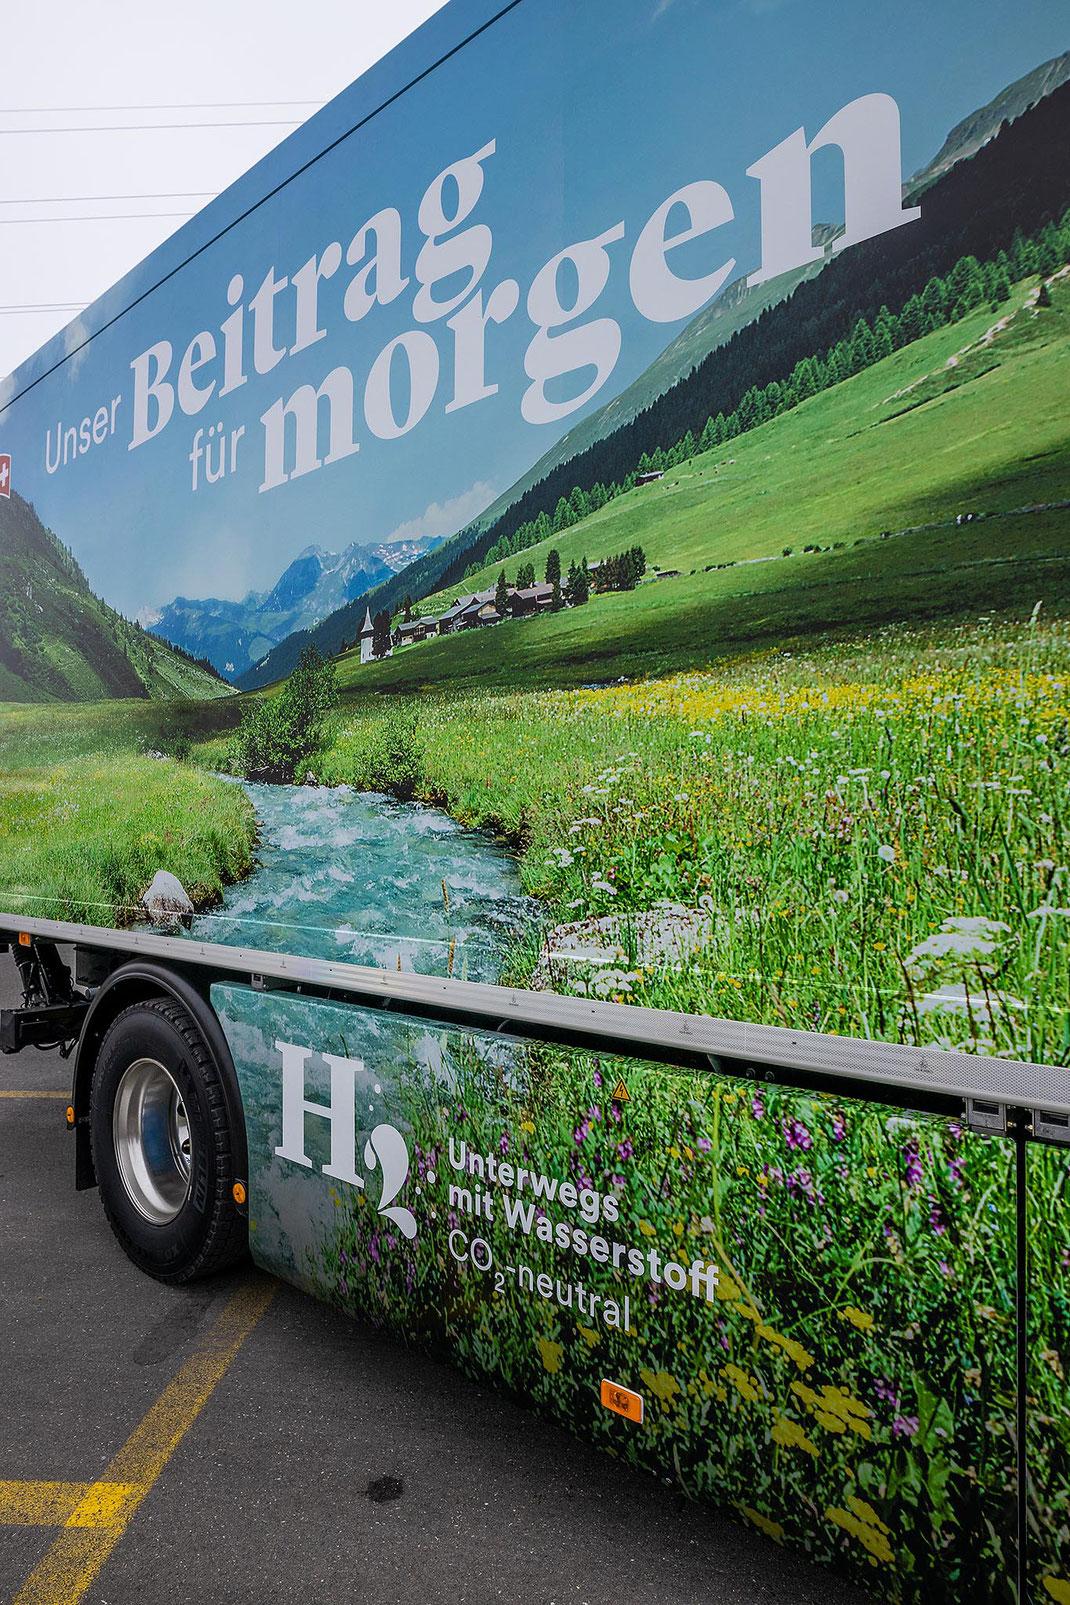 Der Luzerner Milchverarbeiter Emmi testet neu zwei mit Wasserstoff betriebene Lastwagen im Güterverkehr. Die Fahrzeuge werden am Tankstellen-Netz von Hydrospider mit erneuerbarem Wasserstoff betankt. Ein Lastwagen soll bis zu 80 t CO2 pro Jahr einsparen.